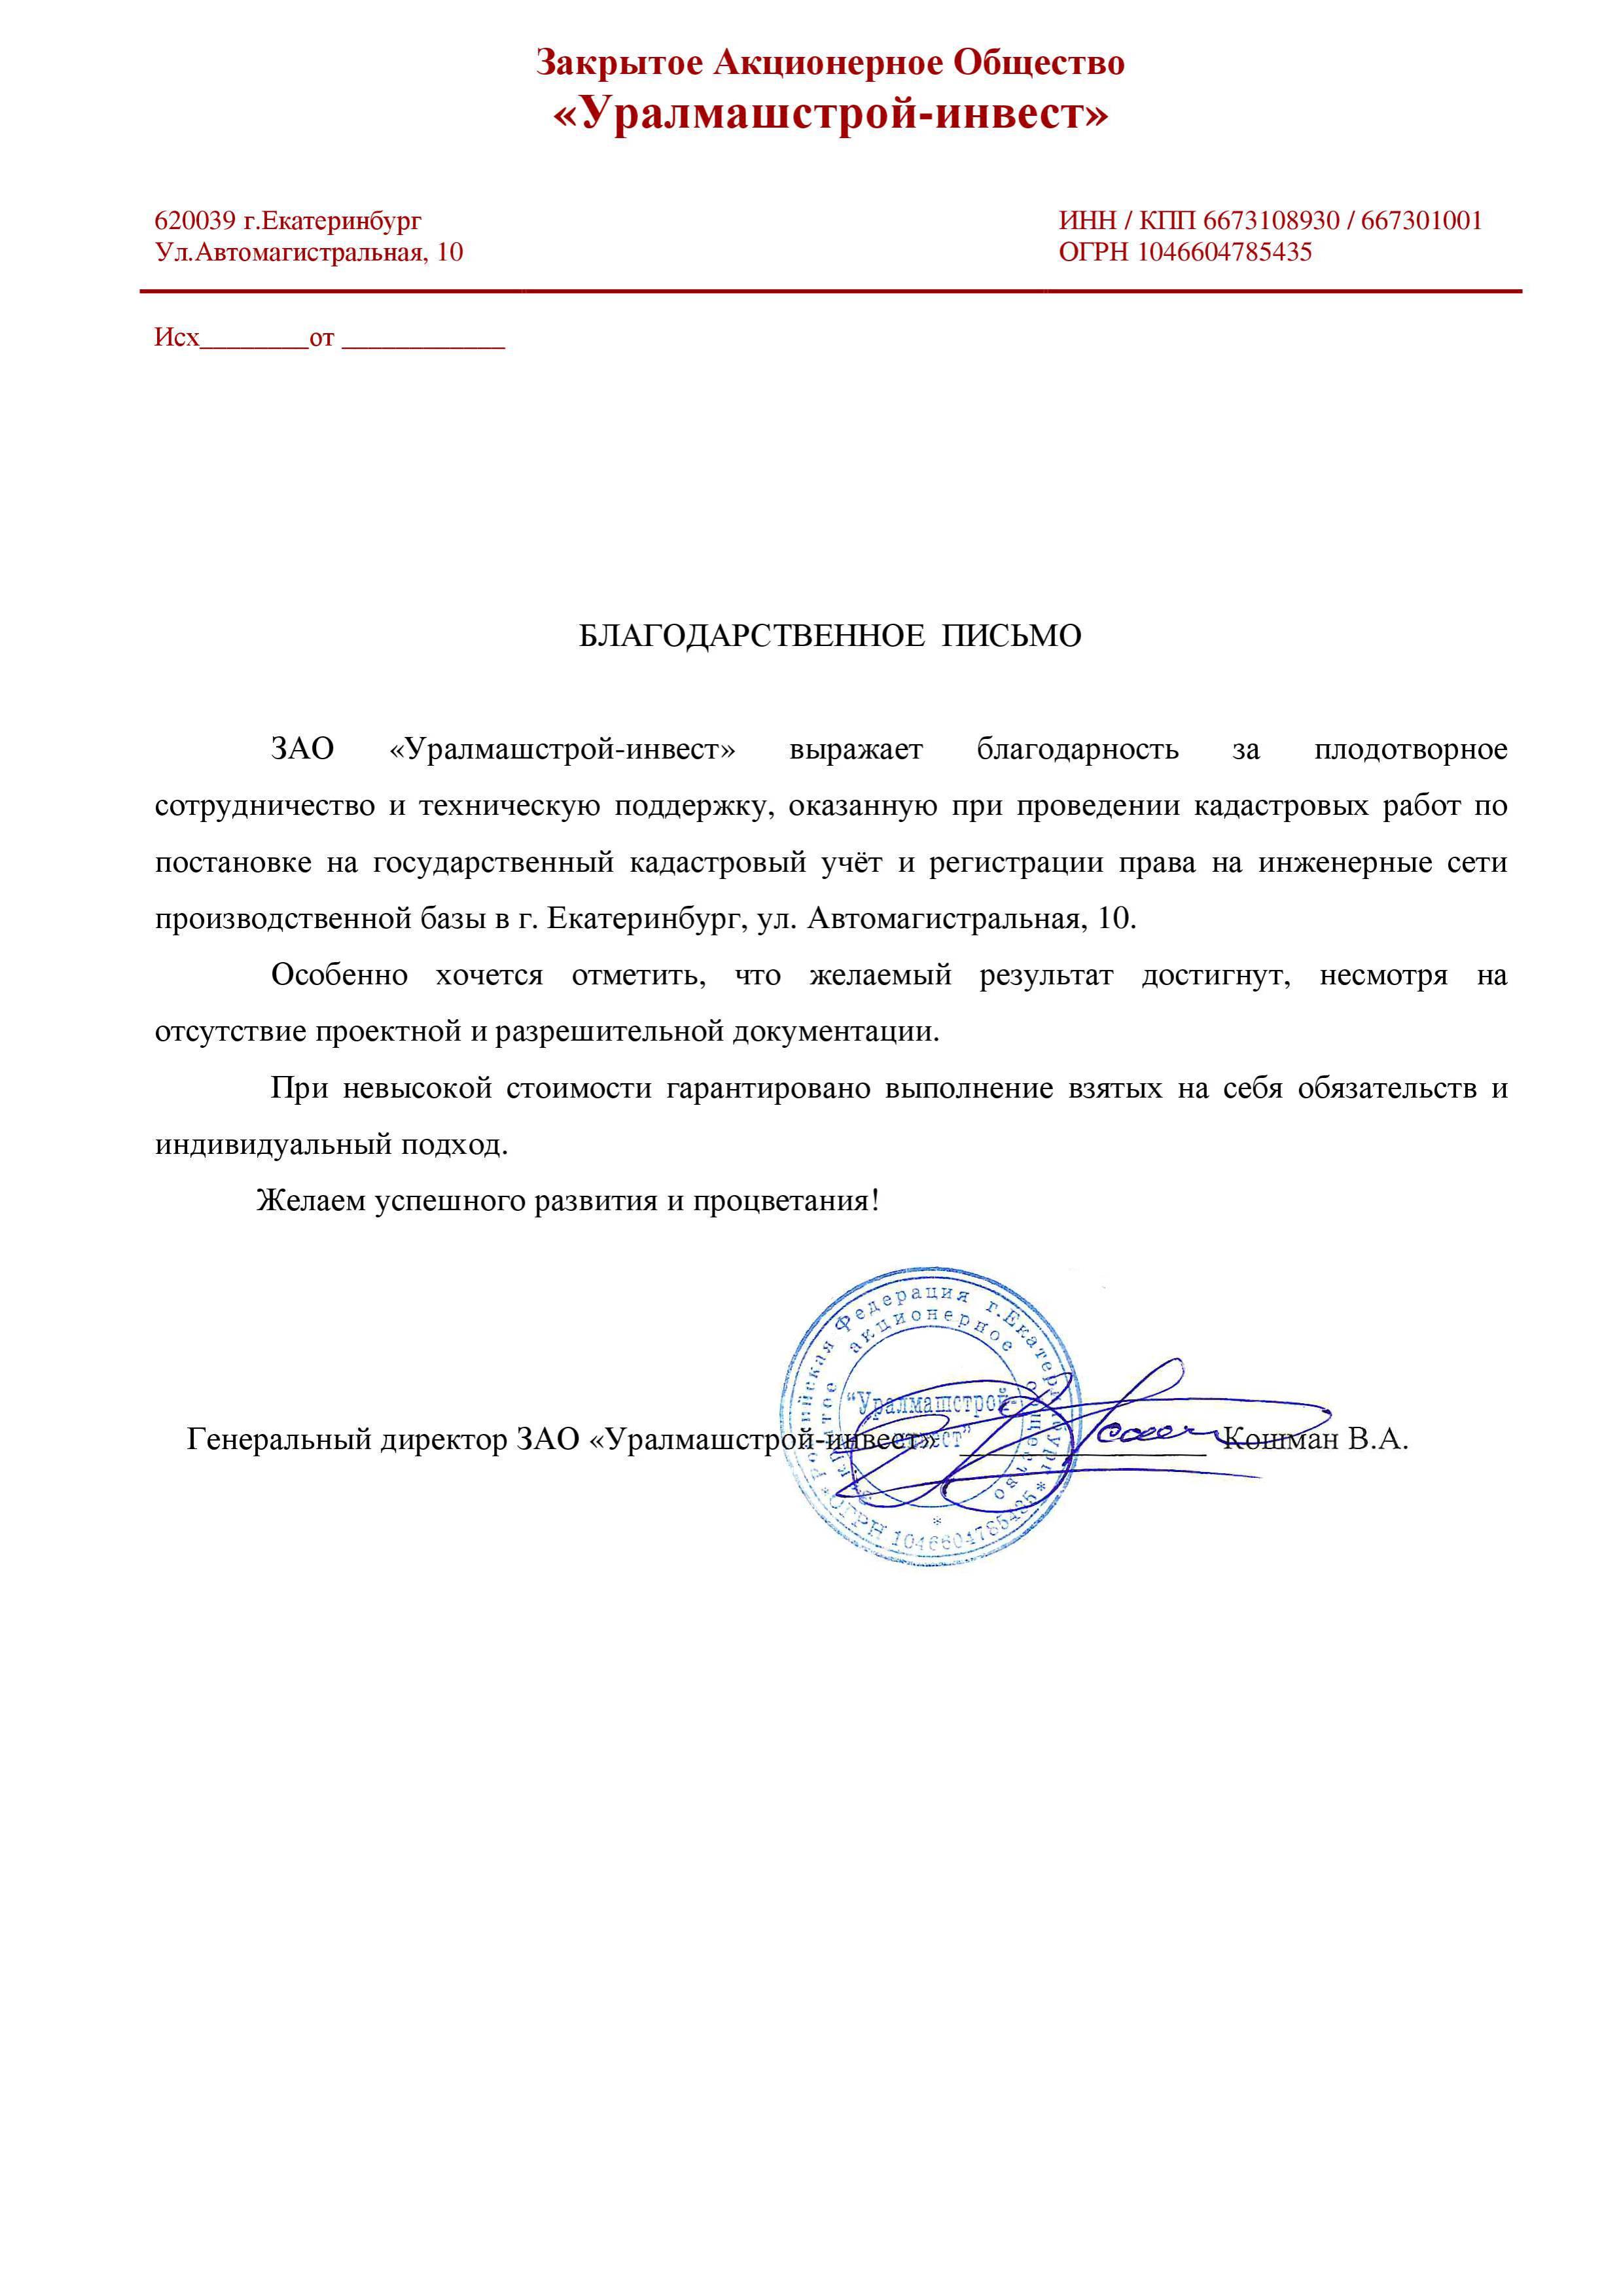 Уралмашстрой_инвест